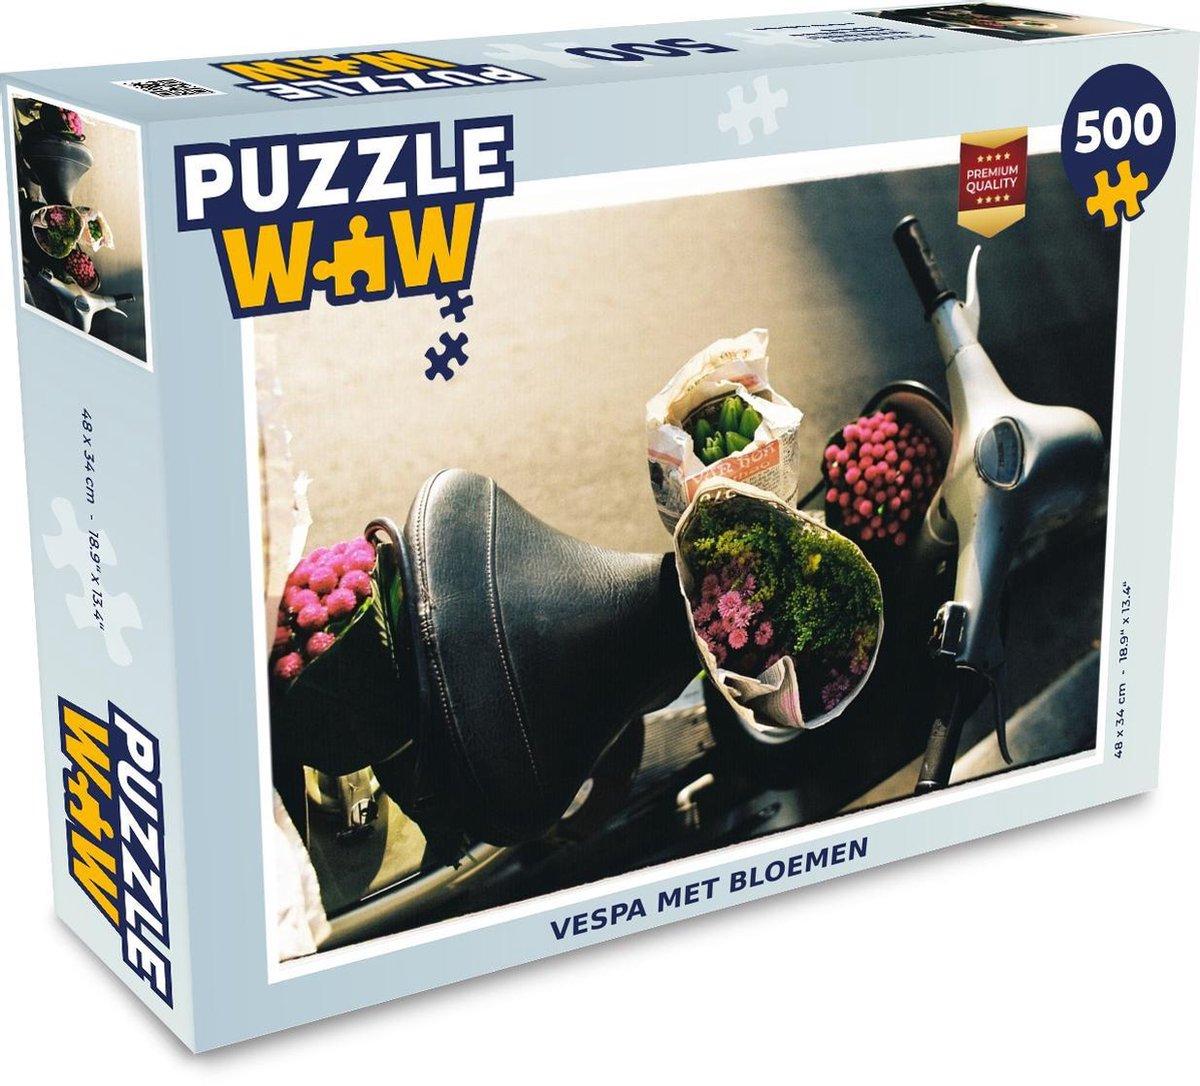 Puzzel 500 stukjes Vespa - Vespa met bloemen  - PuzzleWow heeft +100000 puzzels